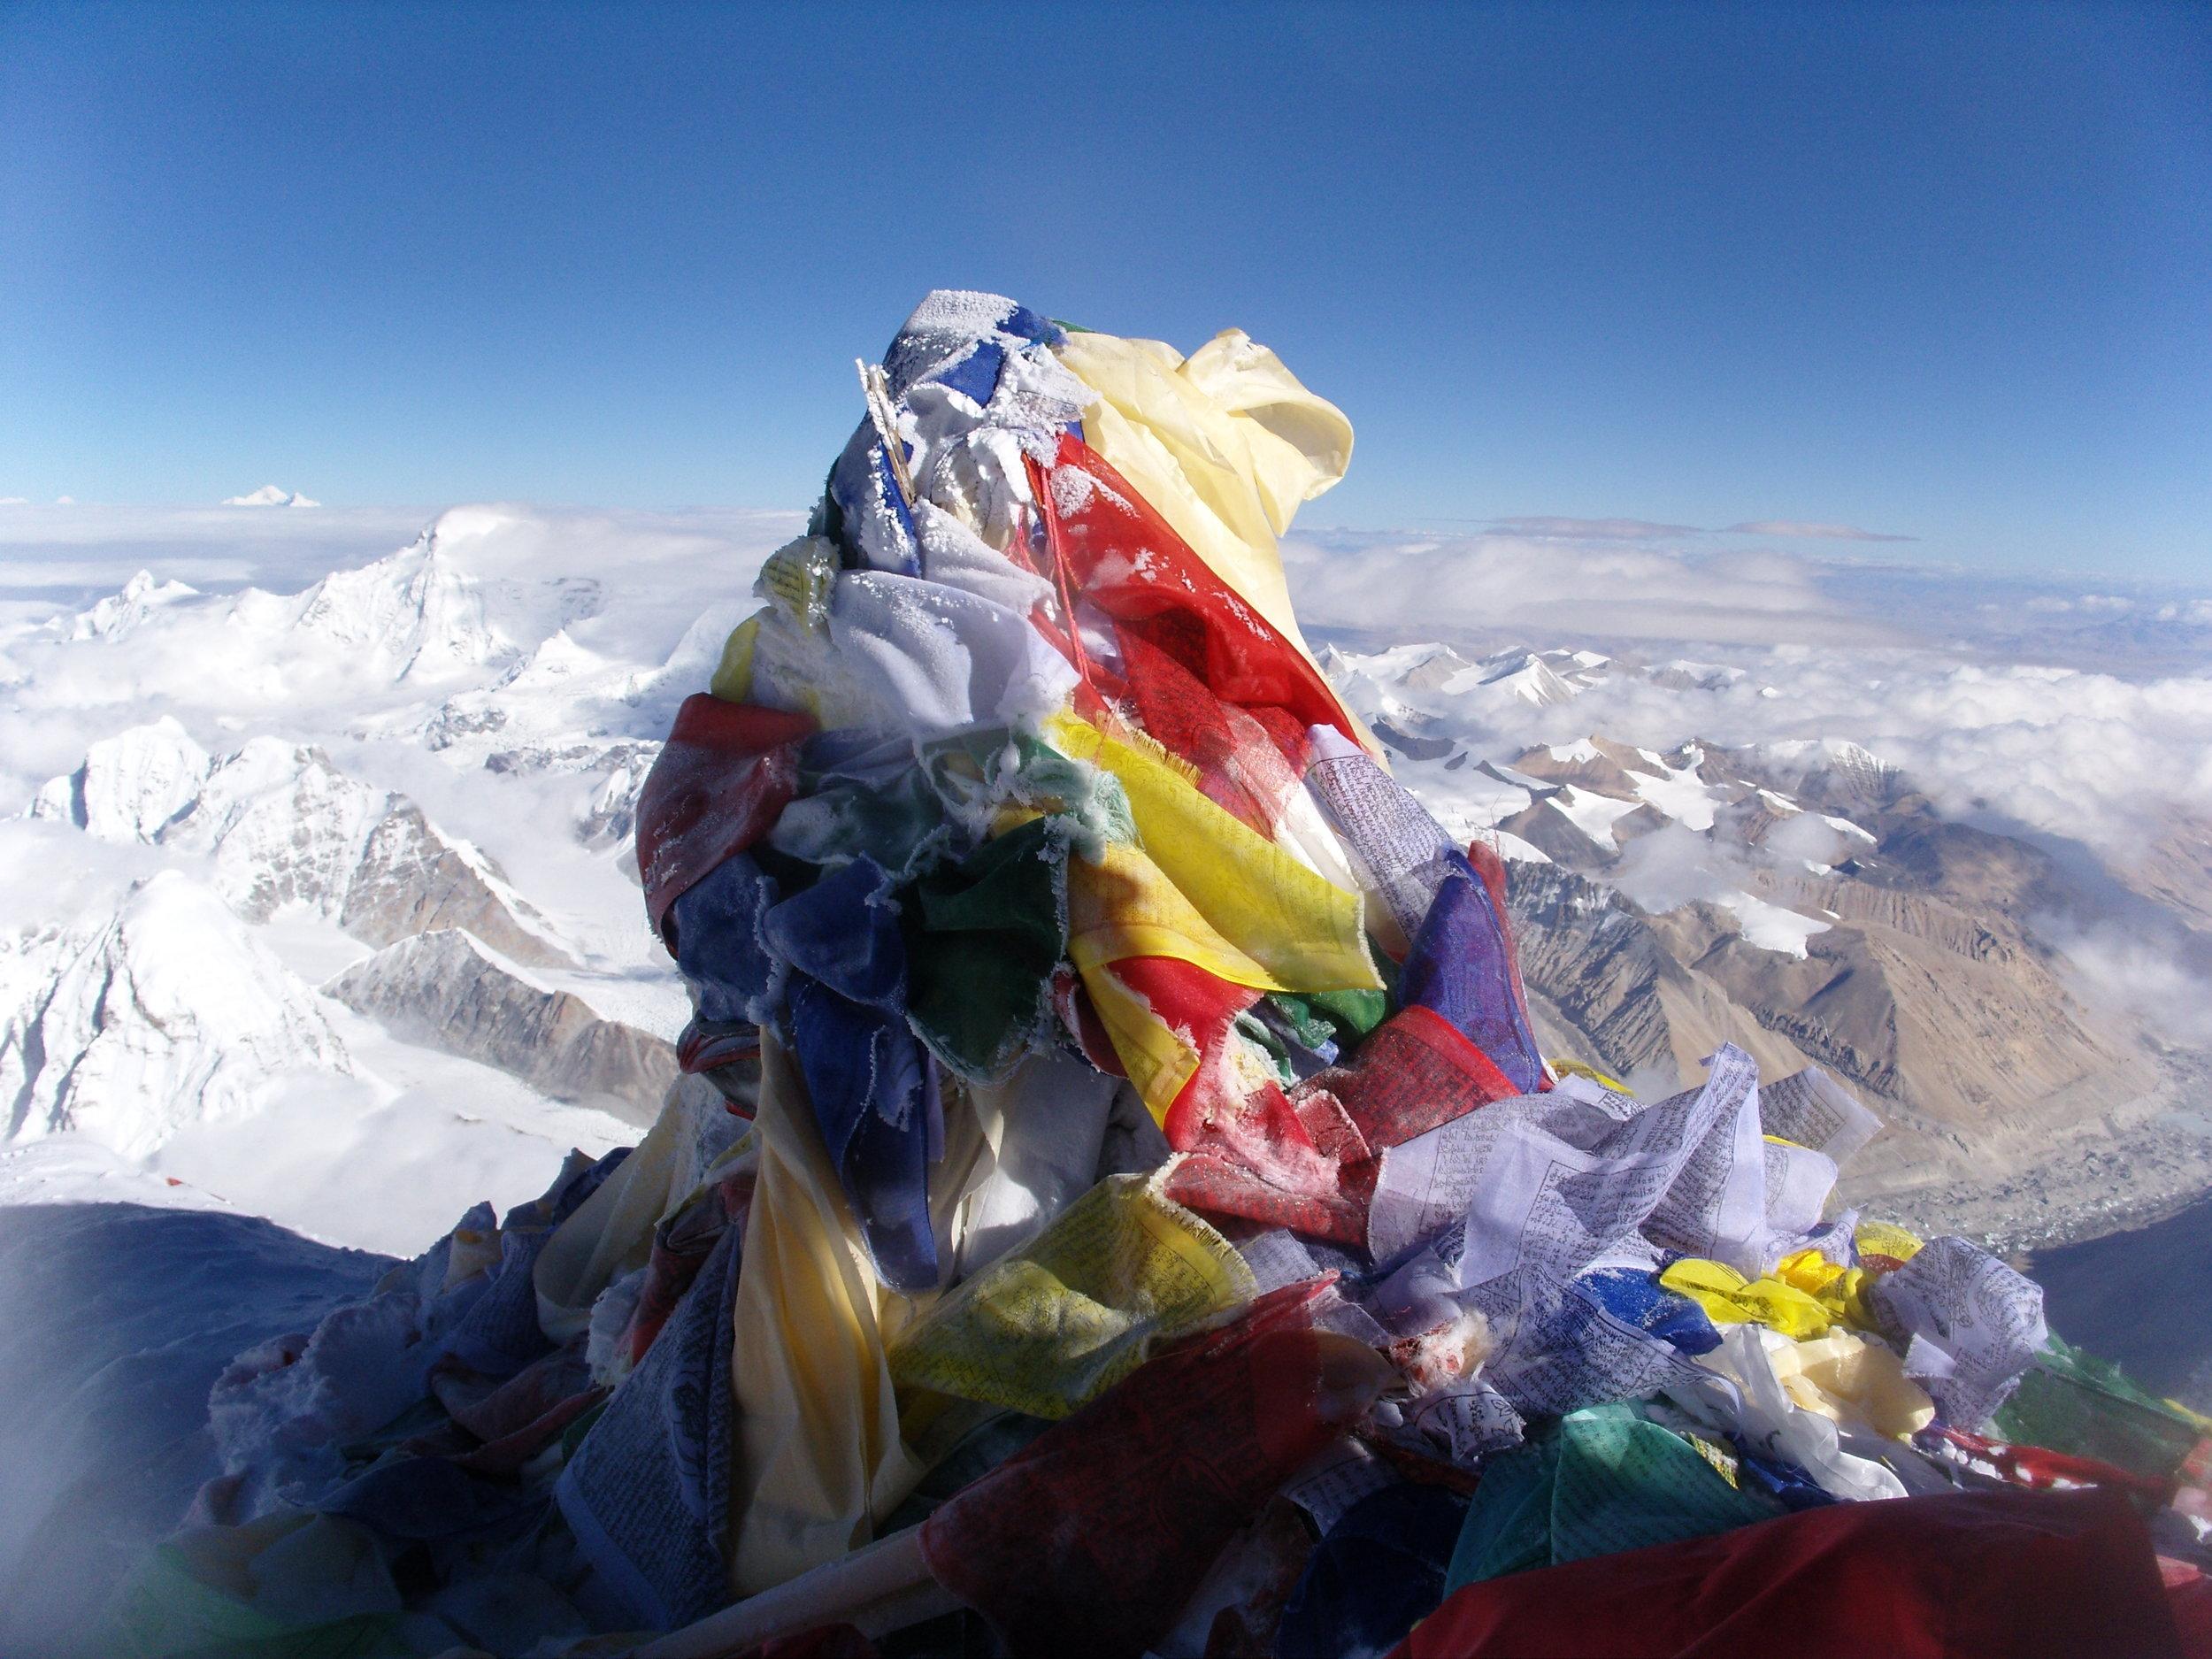 La cima del Everest, con sus banderas con oraciones Budistas